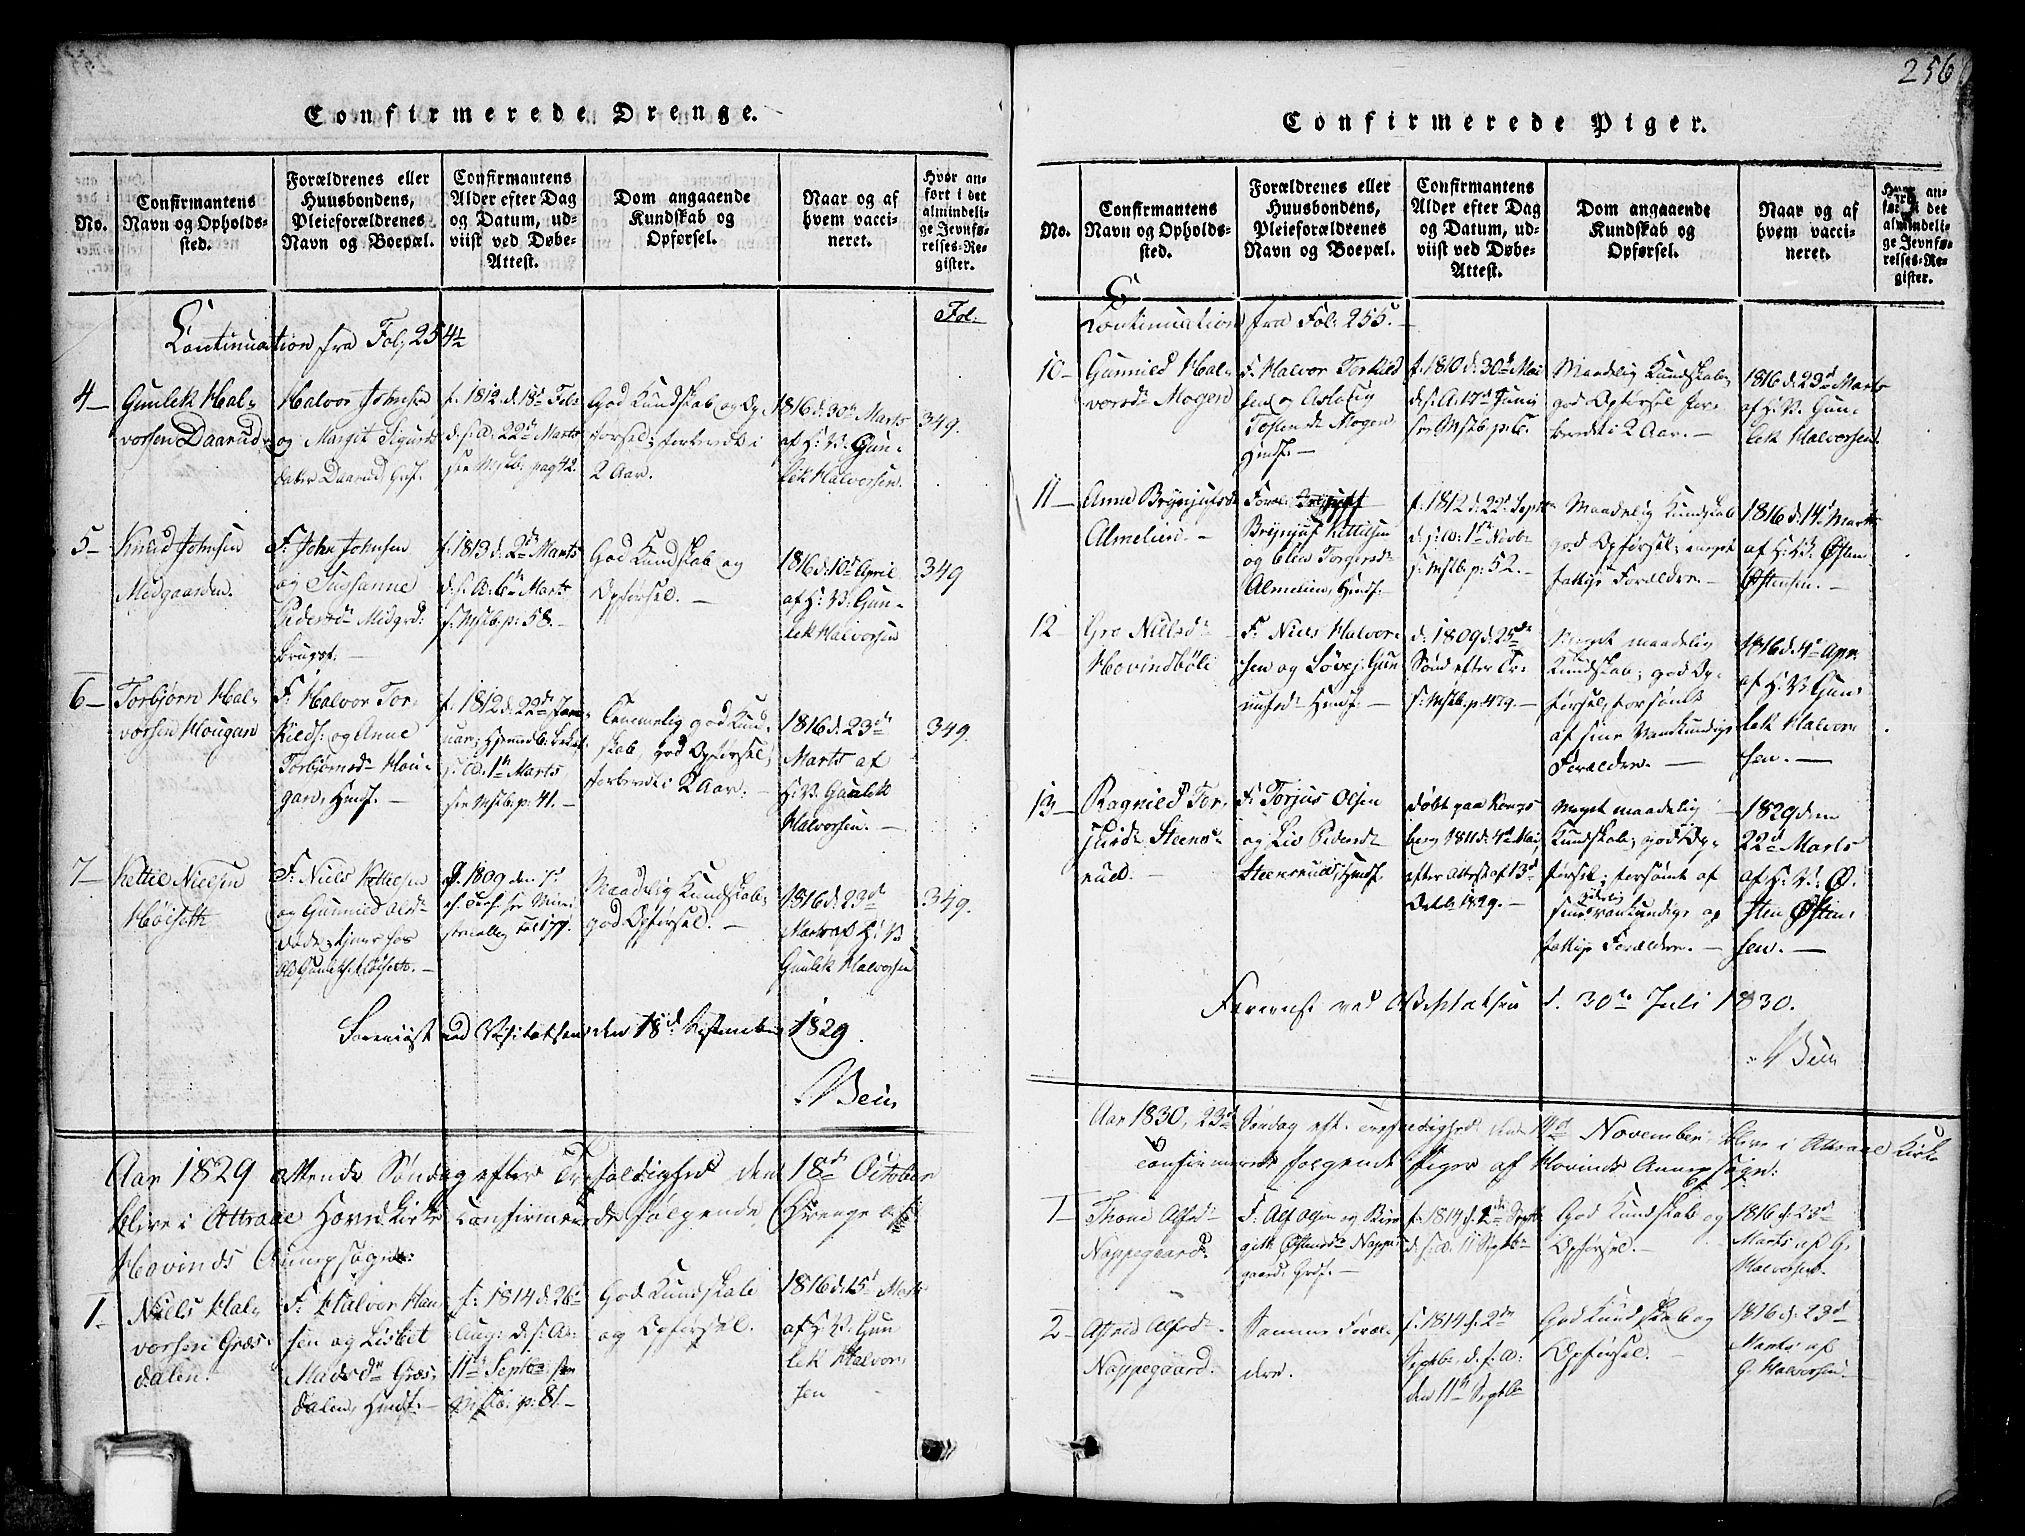 SAKO, Gransherad kirkebøker, G/Gb/L0001: Klokkerbok nr. II 1, 1815-1860, s. 256